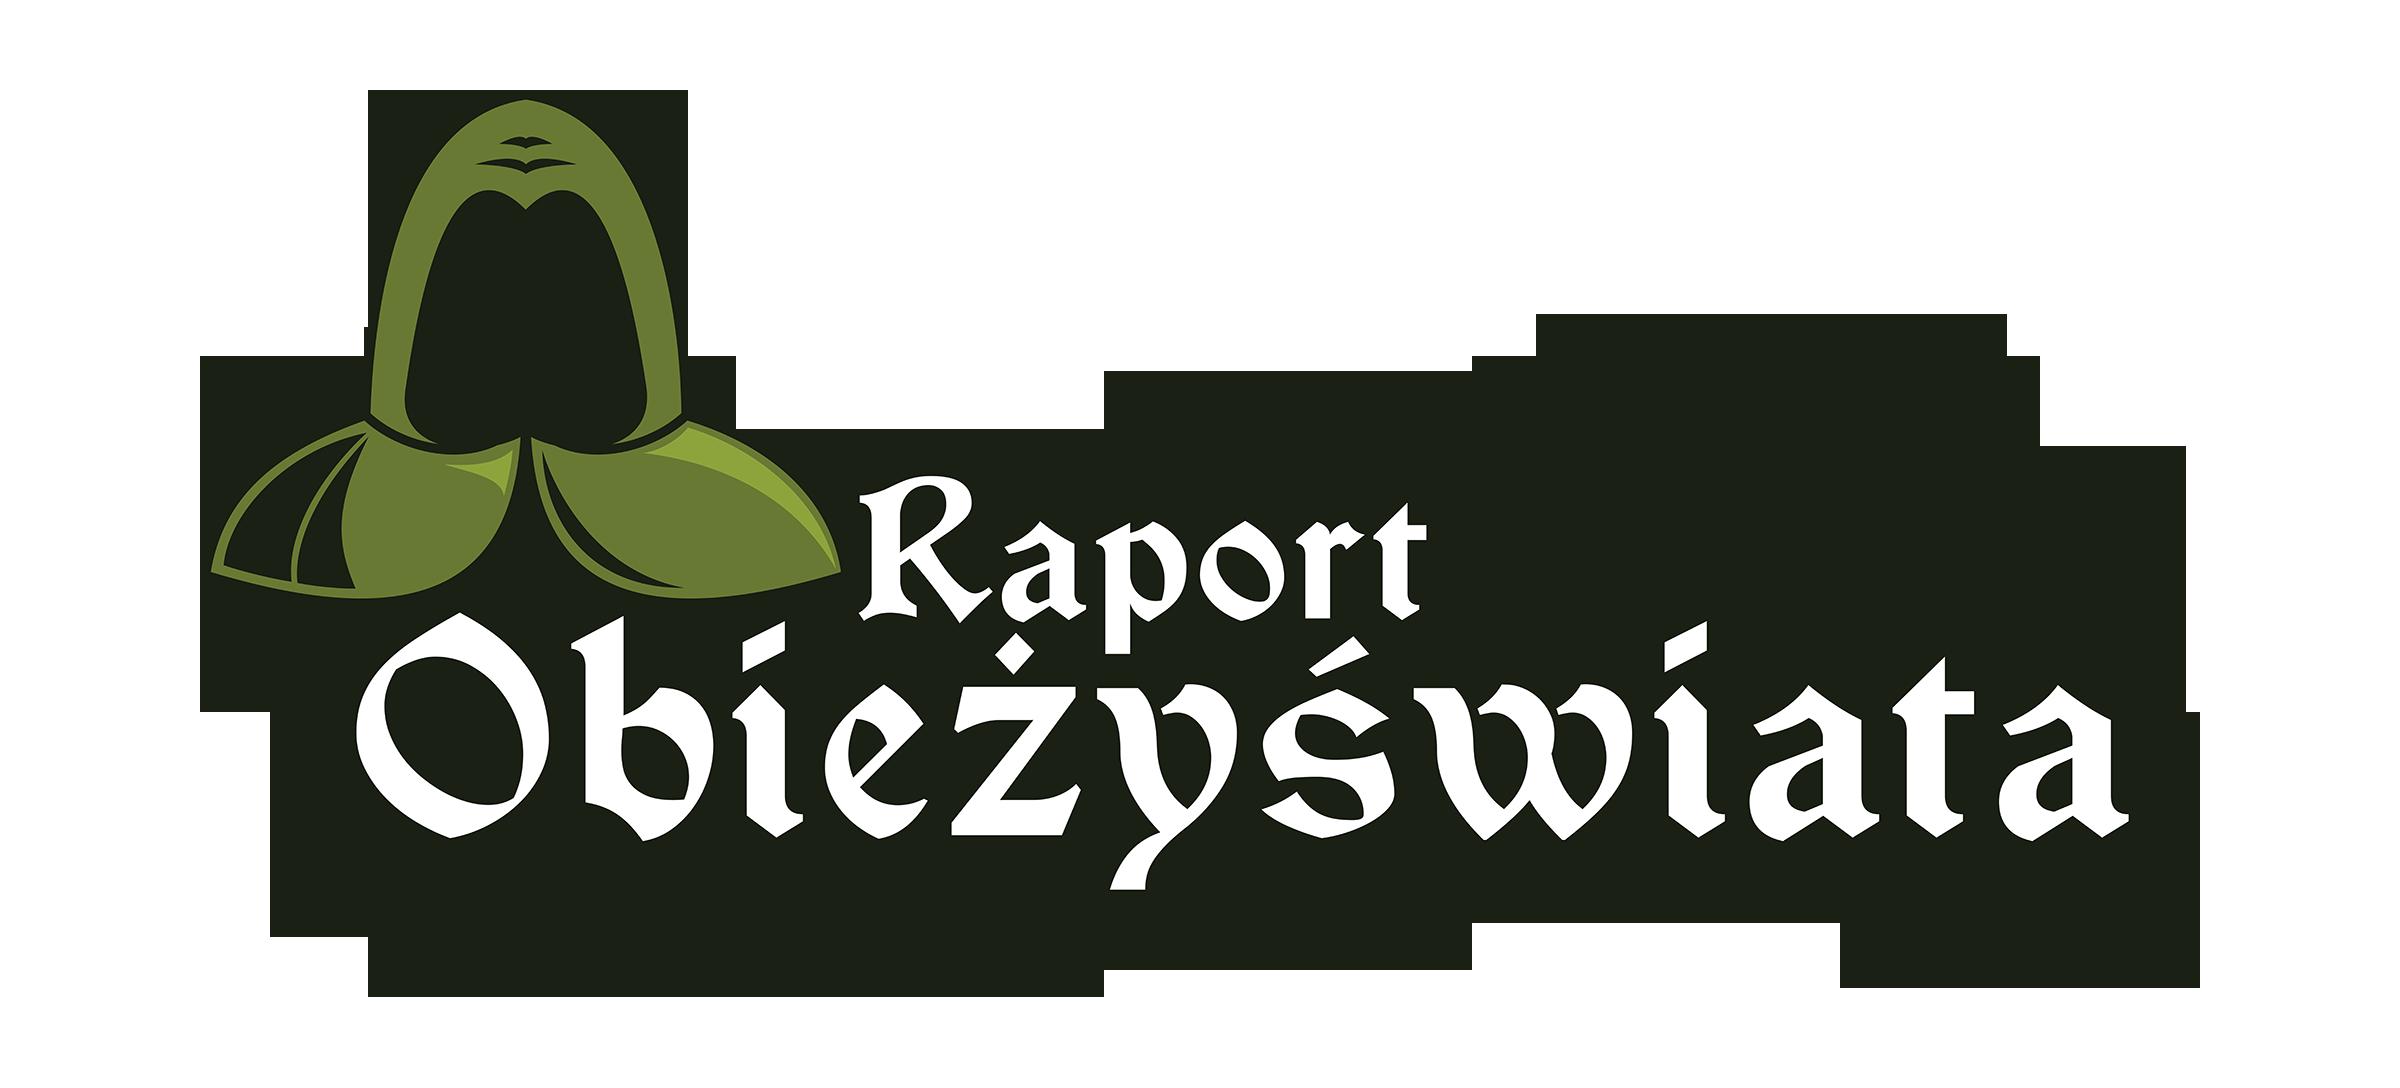 raport-obiezyswiata